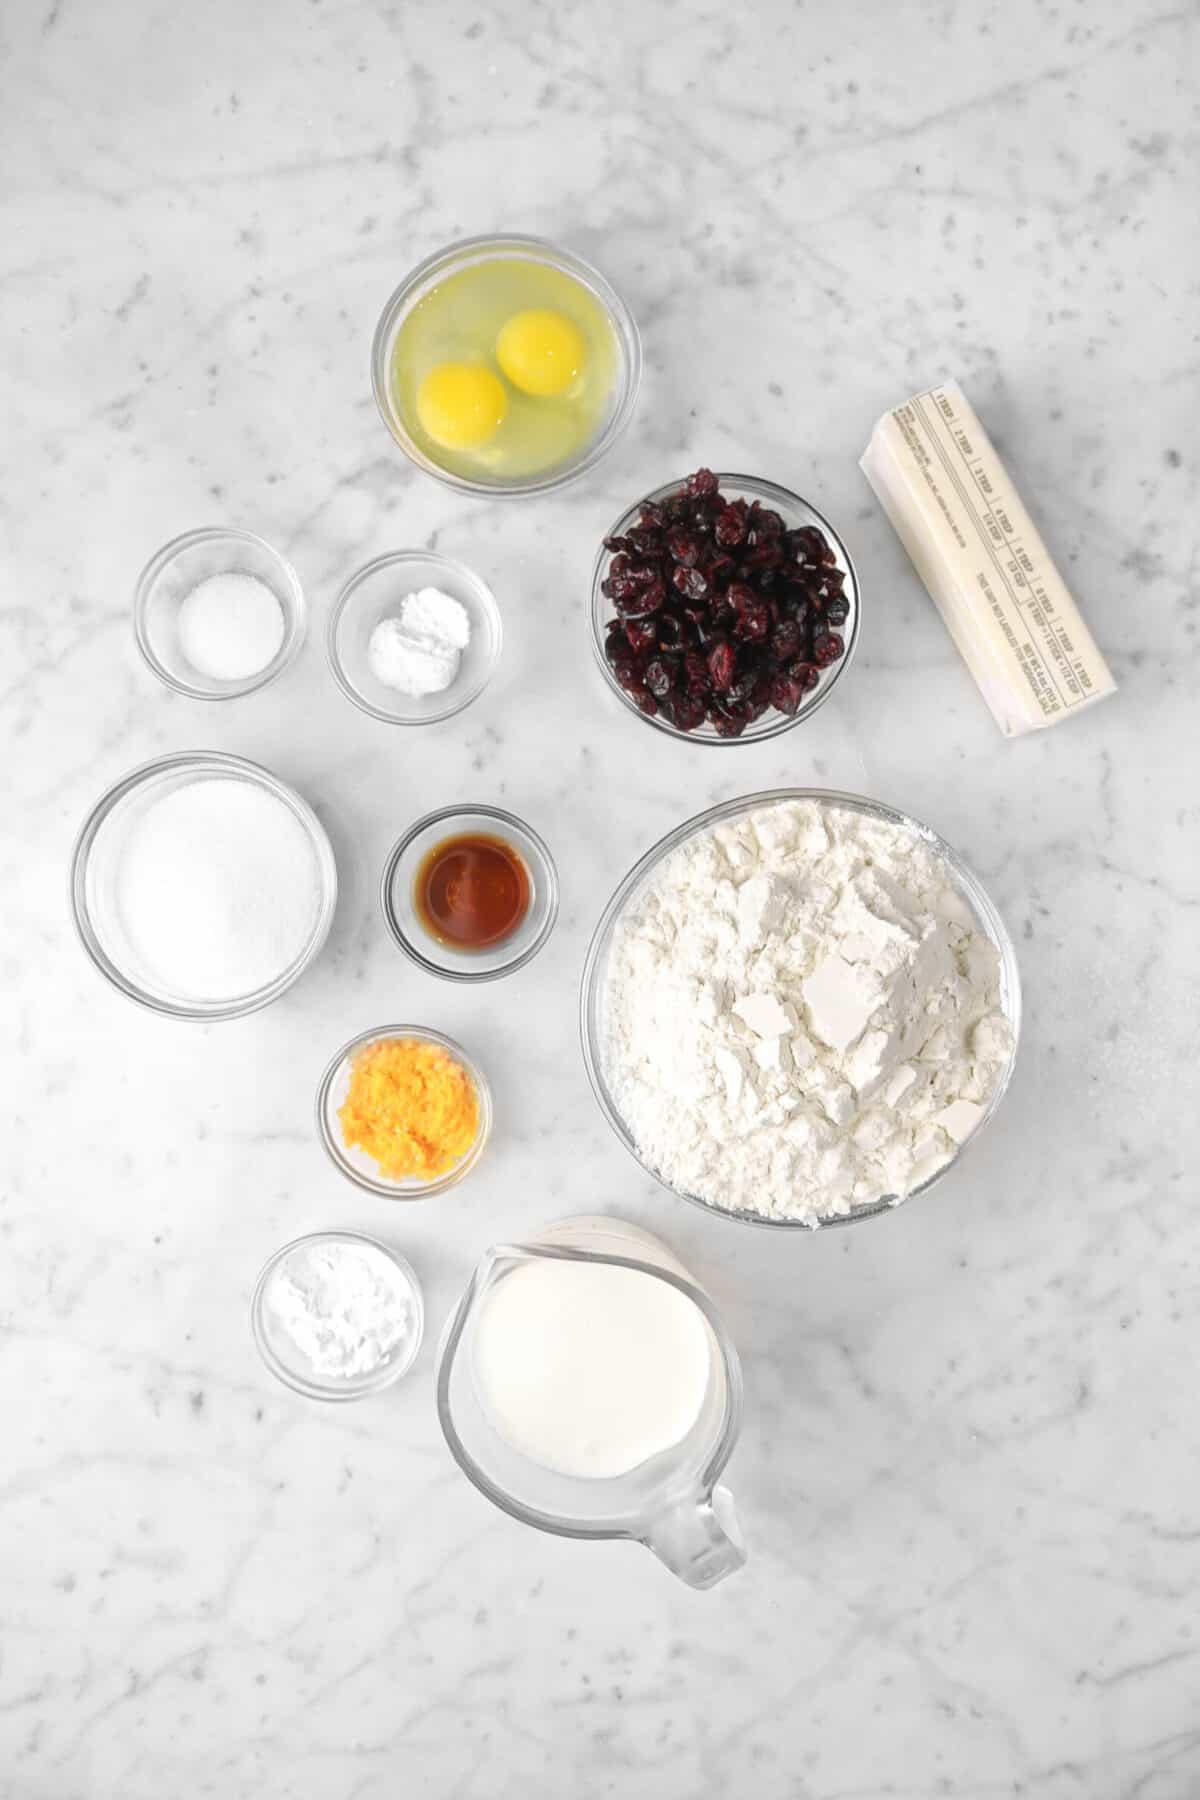 eggs, dried cranberries, butter, baking powder, salt, sugar, vanilla, orange zest, baking soda, milk, and flower on a marble counter